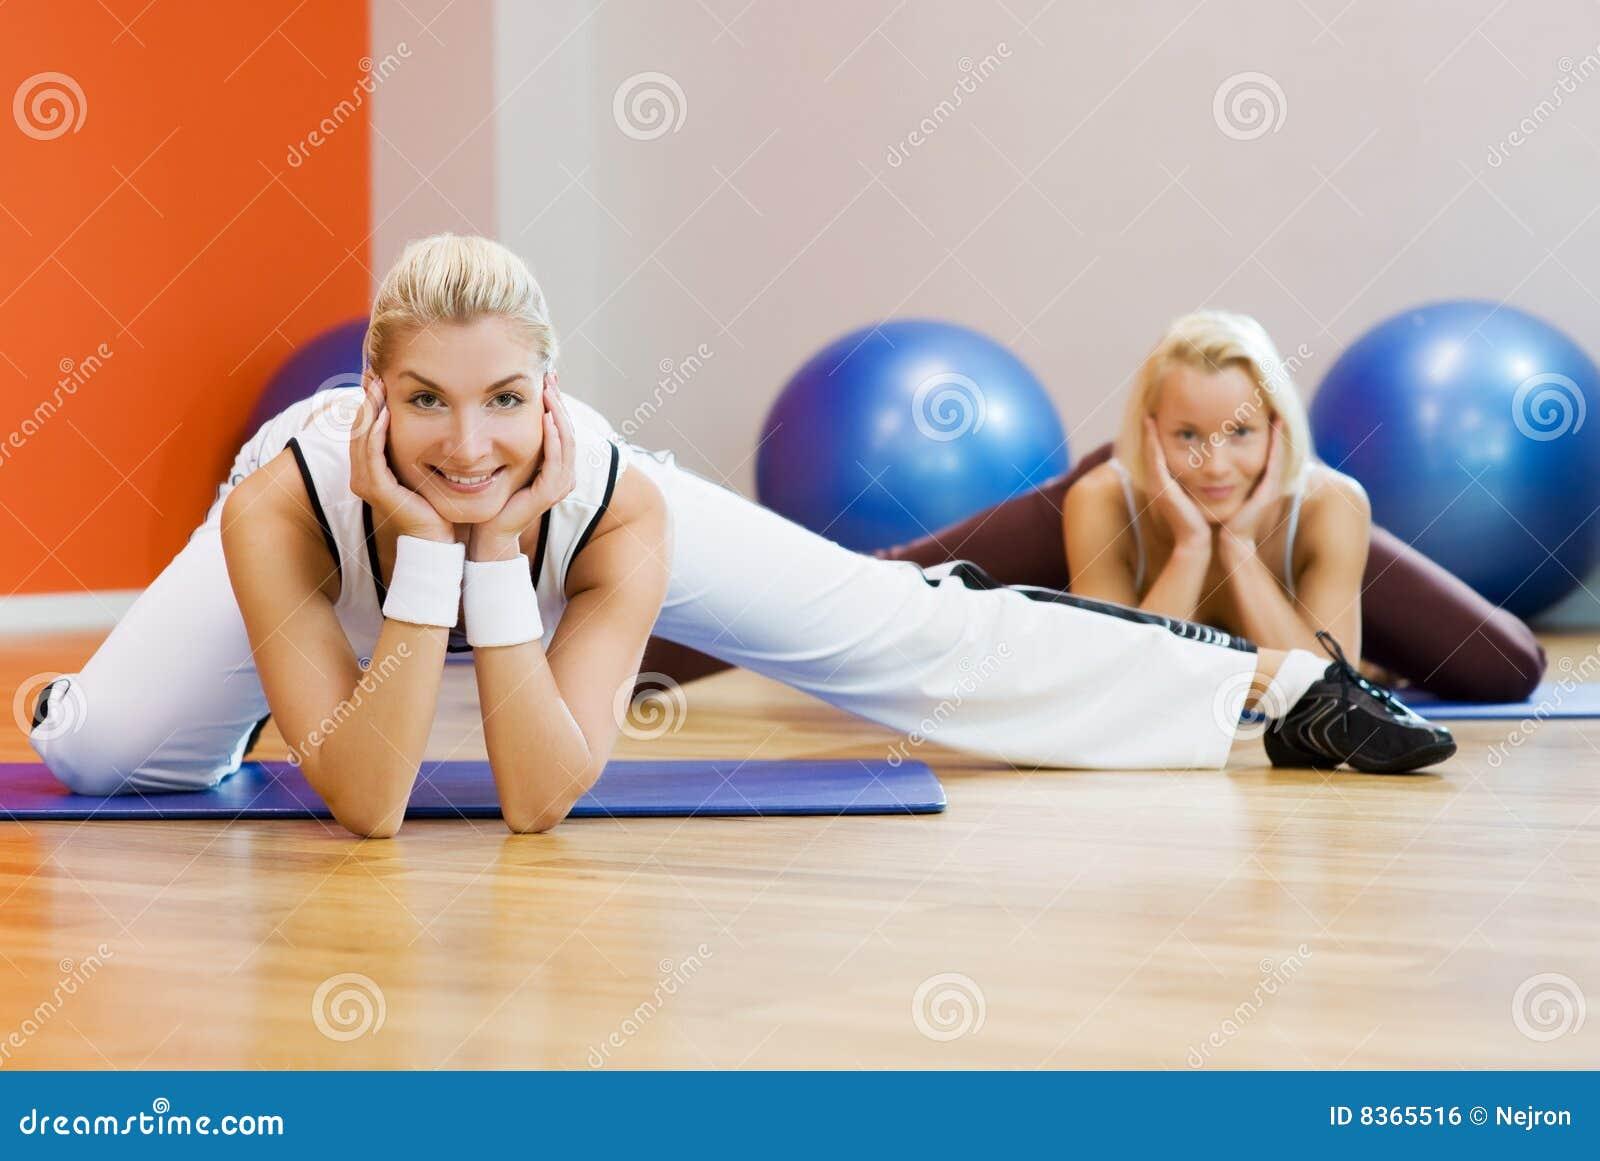 Göra övningsfolksträckning